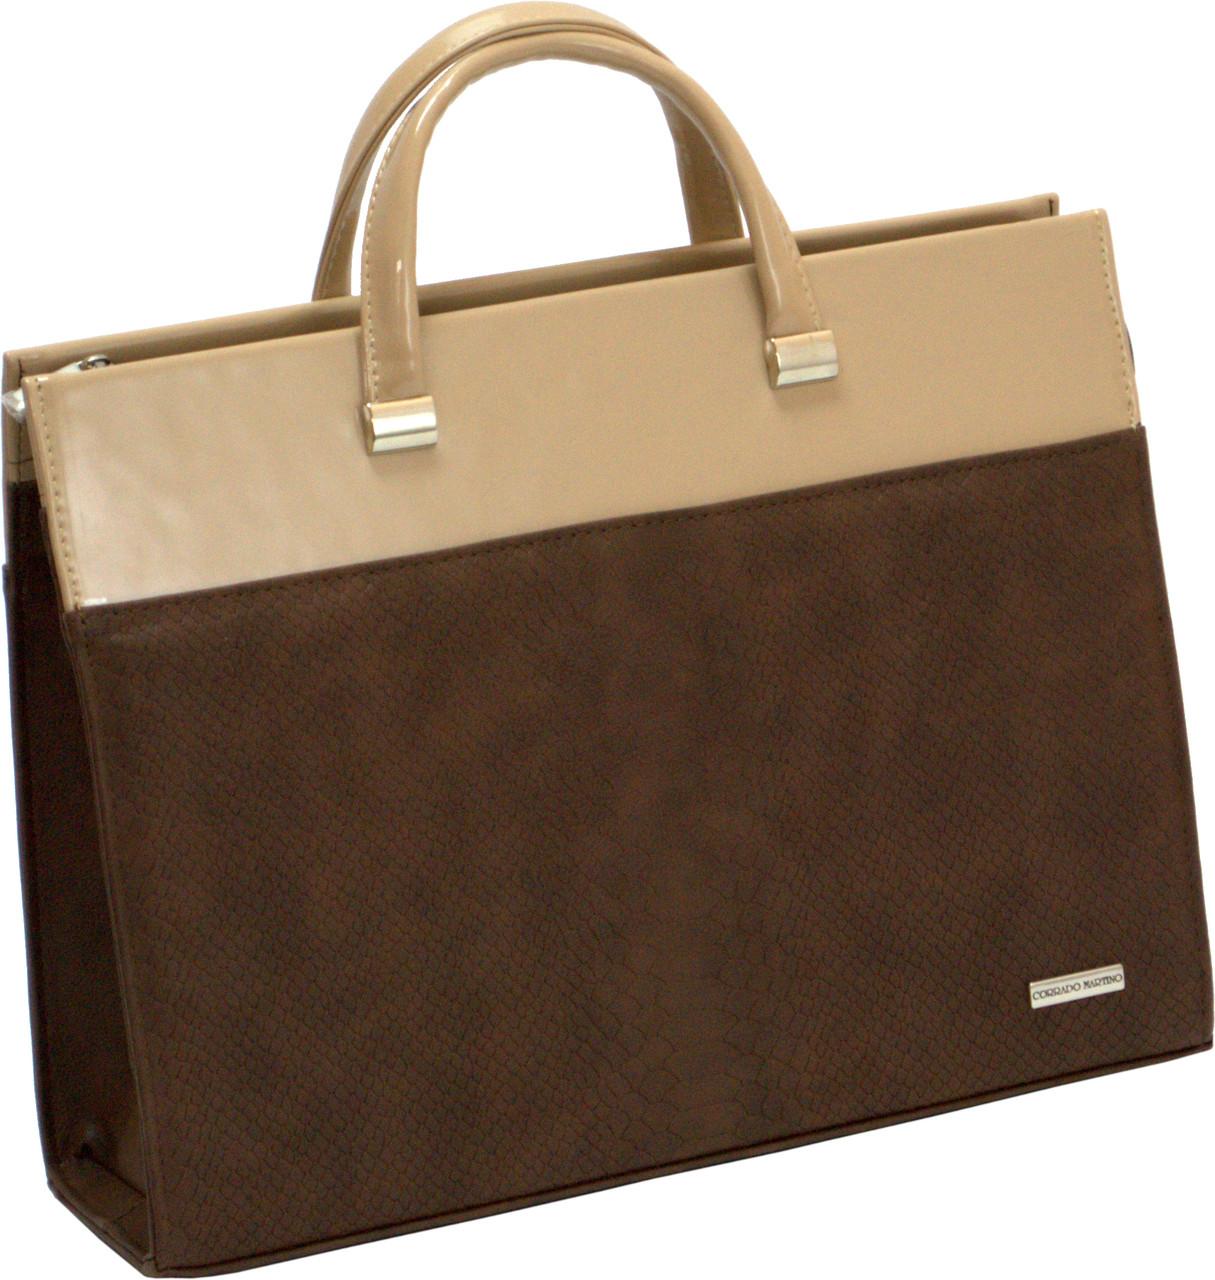 Женская сумка-портфель для документов, ноутбука, бэж, Corrado Martino. -  Чемоданчик 88a20fce959